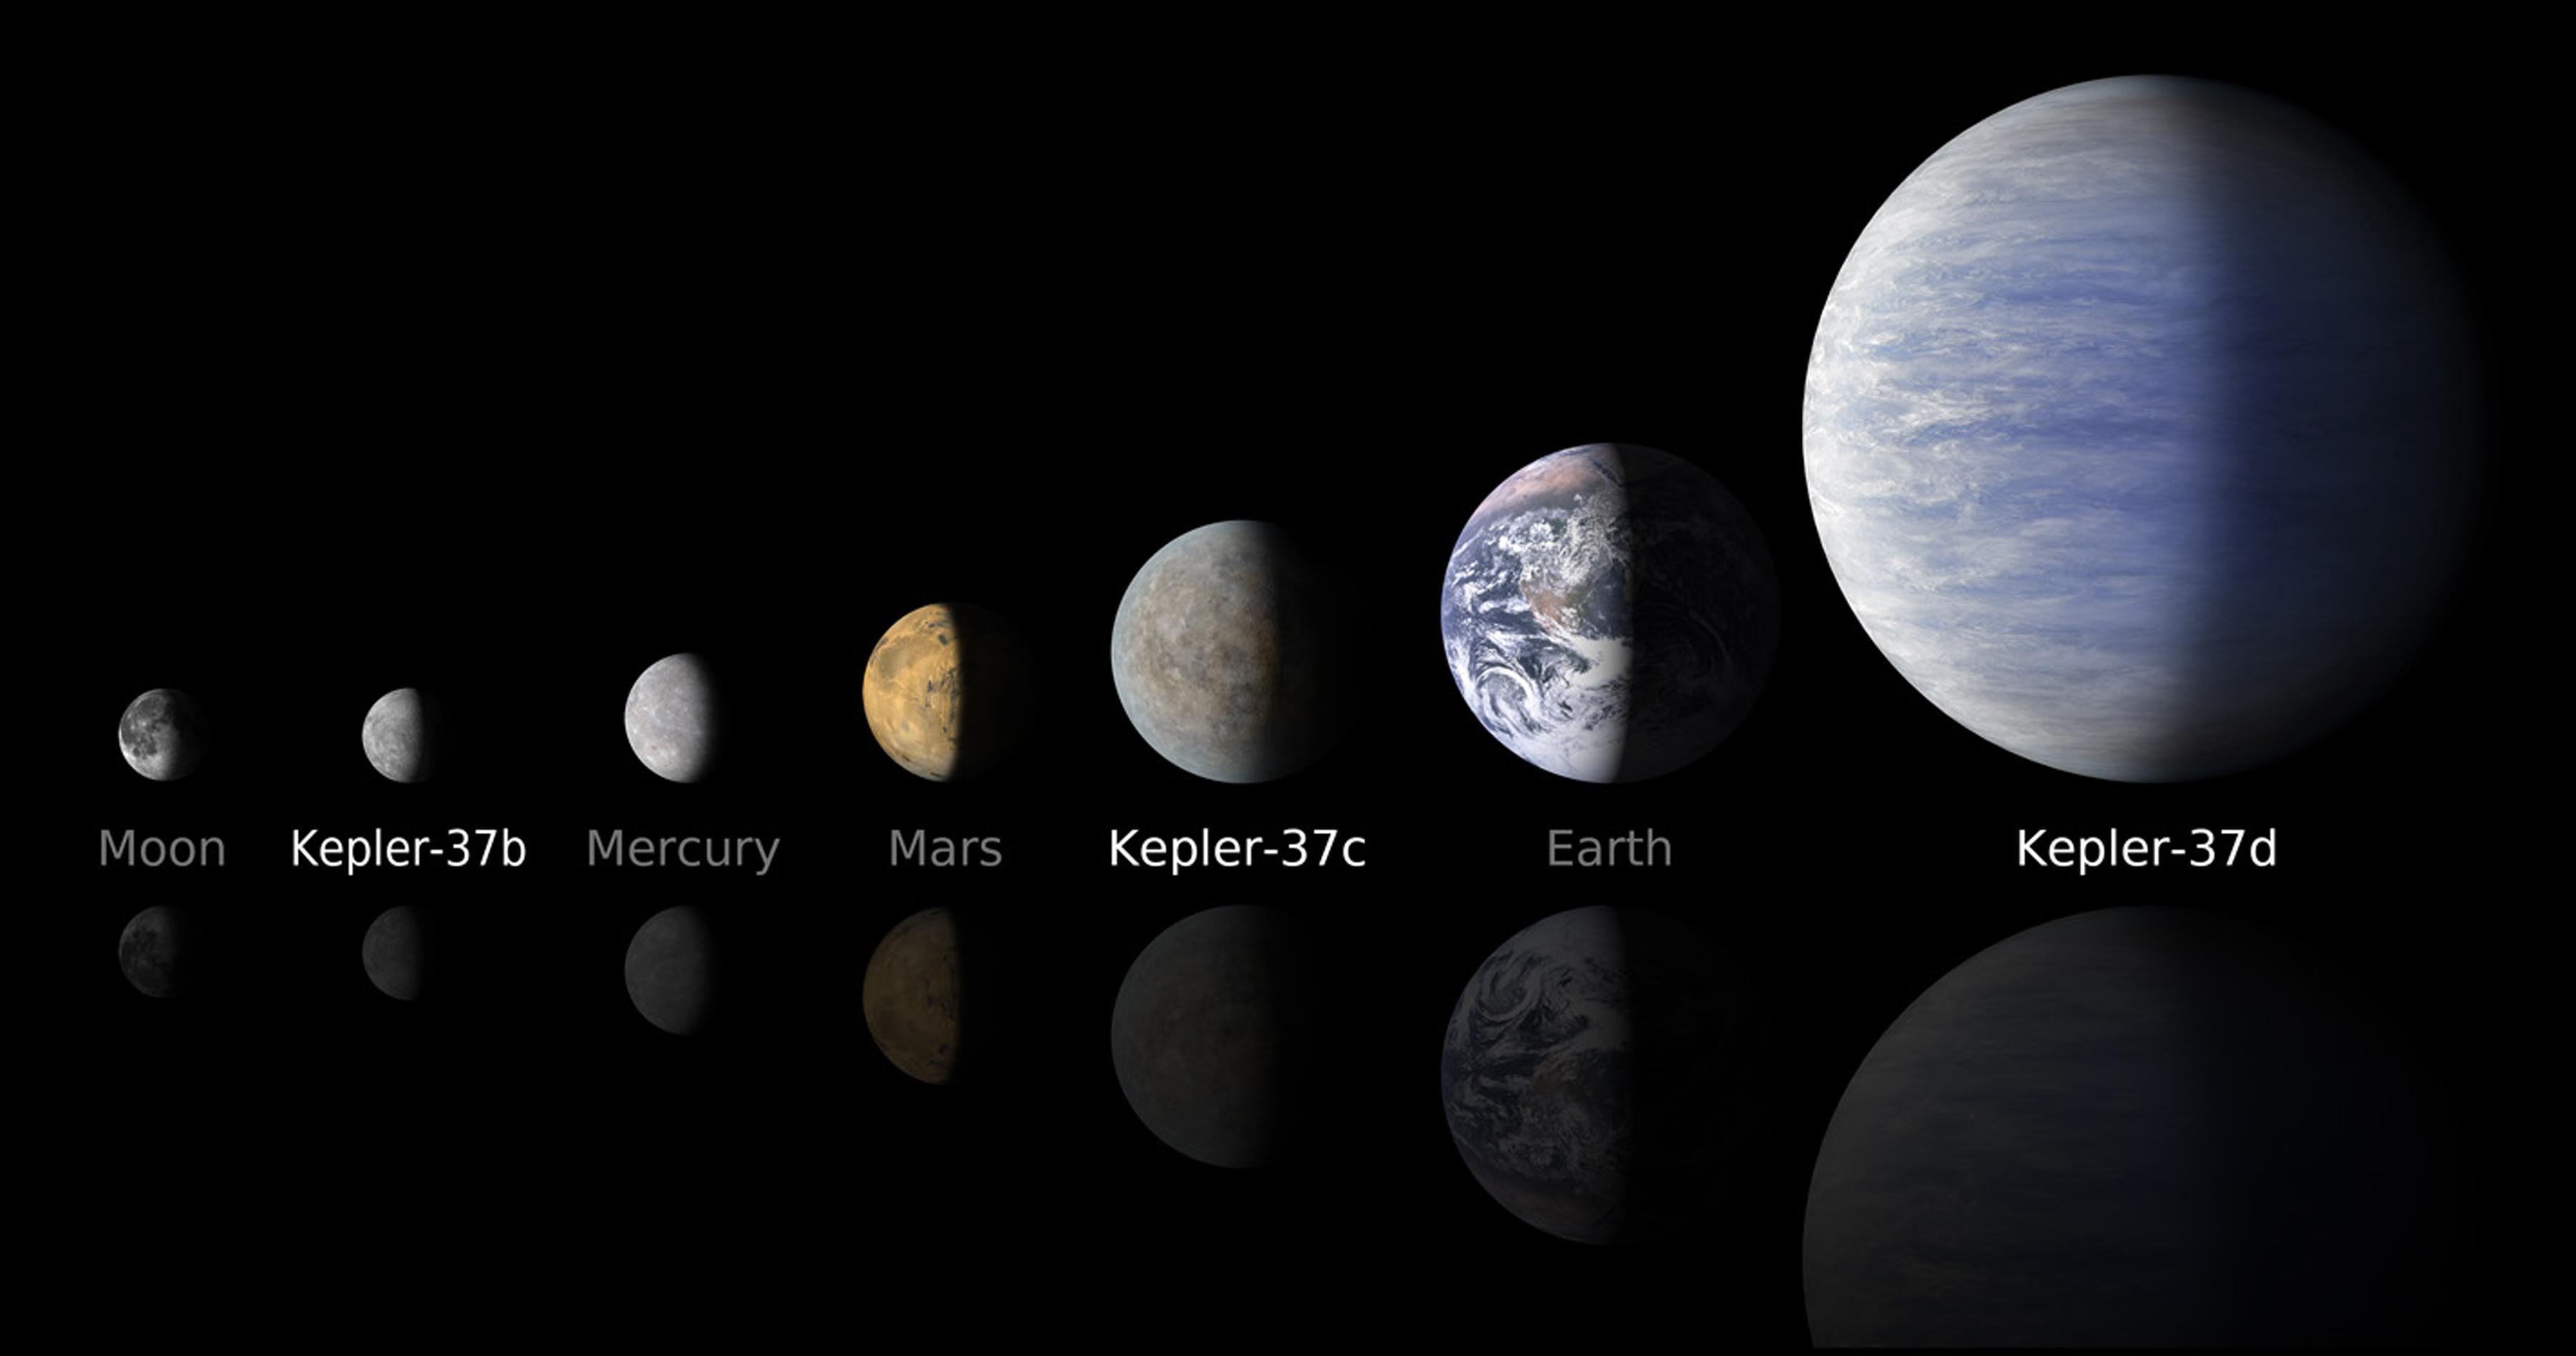 Kepler Solar System